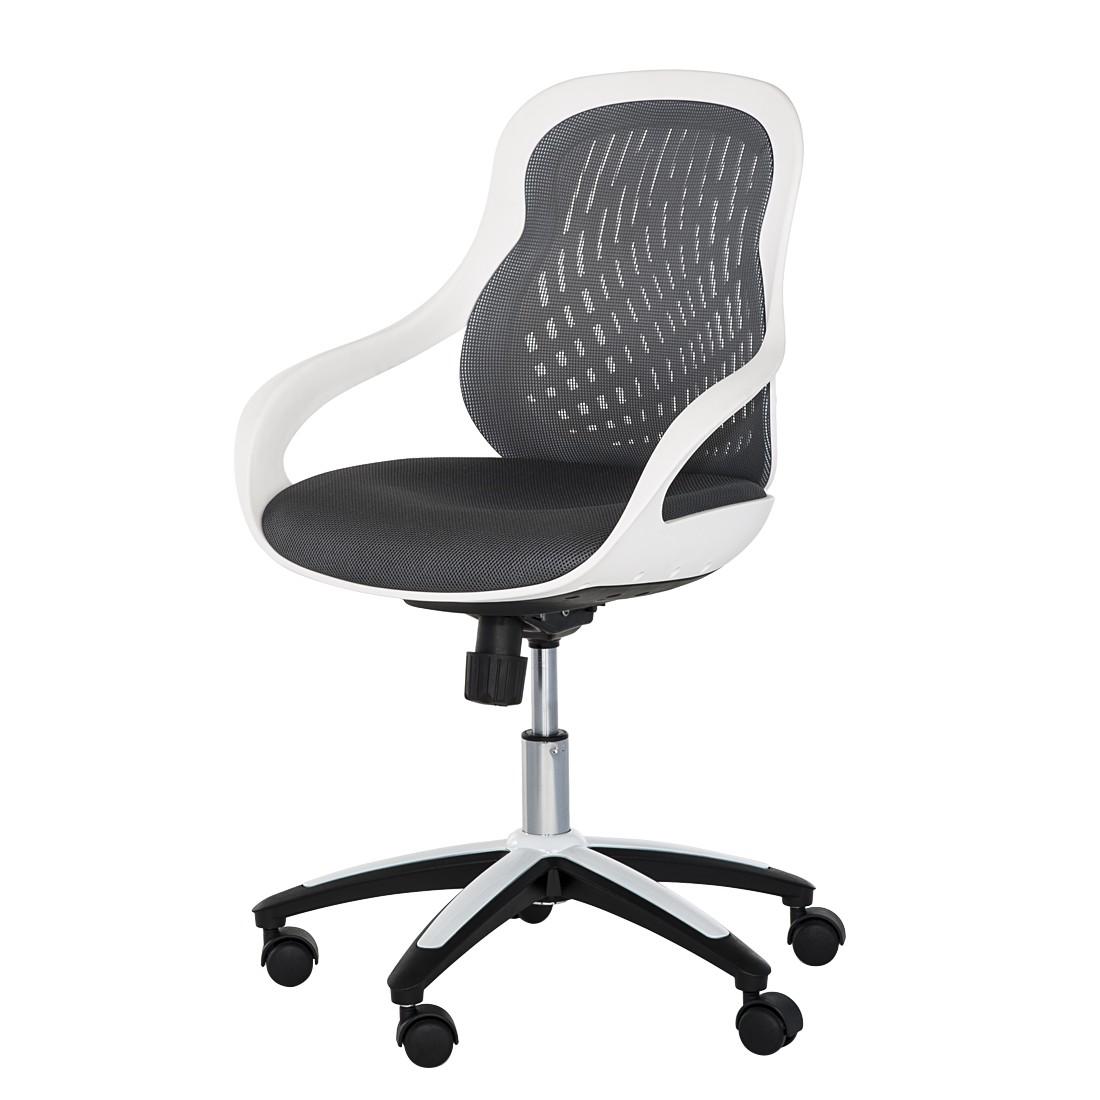 Chaise de bureau baquet sparco - Chaise de bureau fly ...